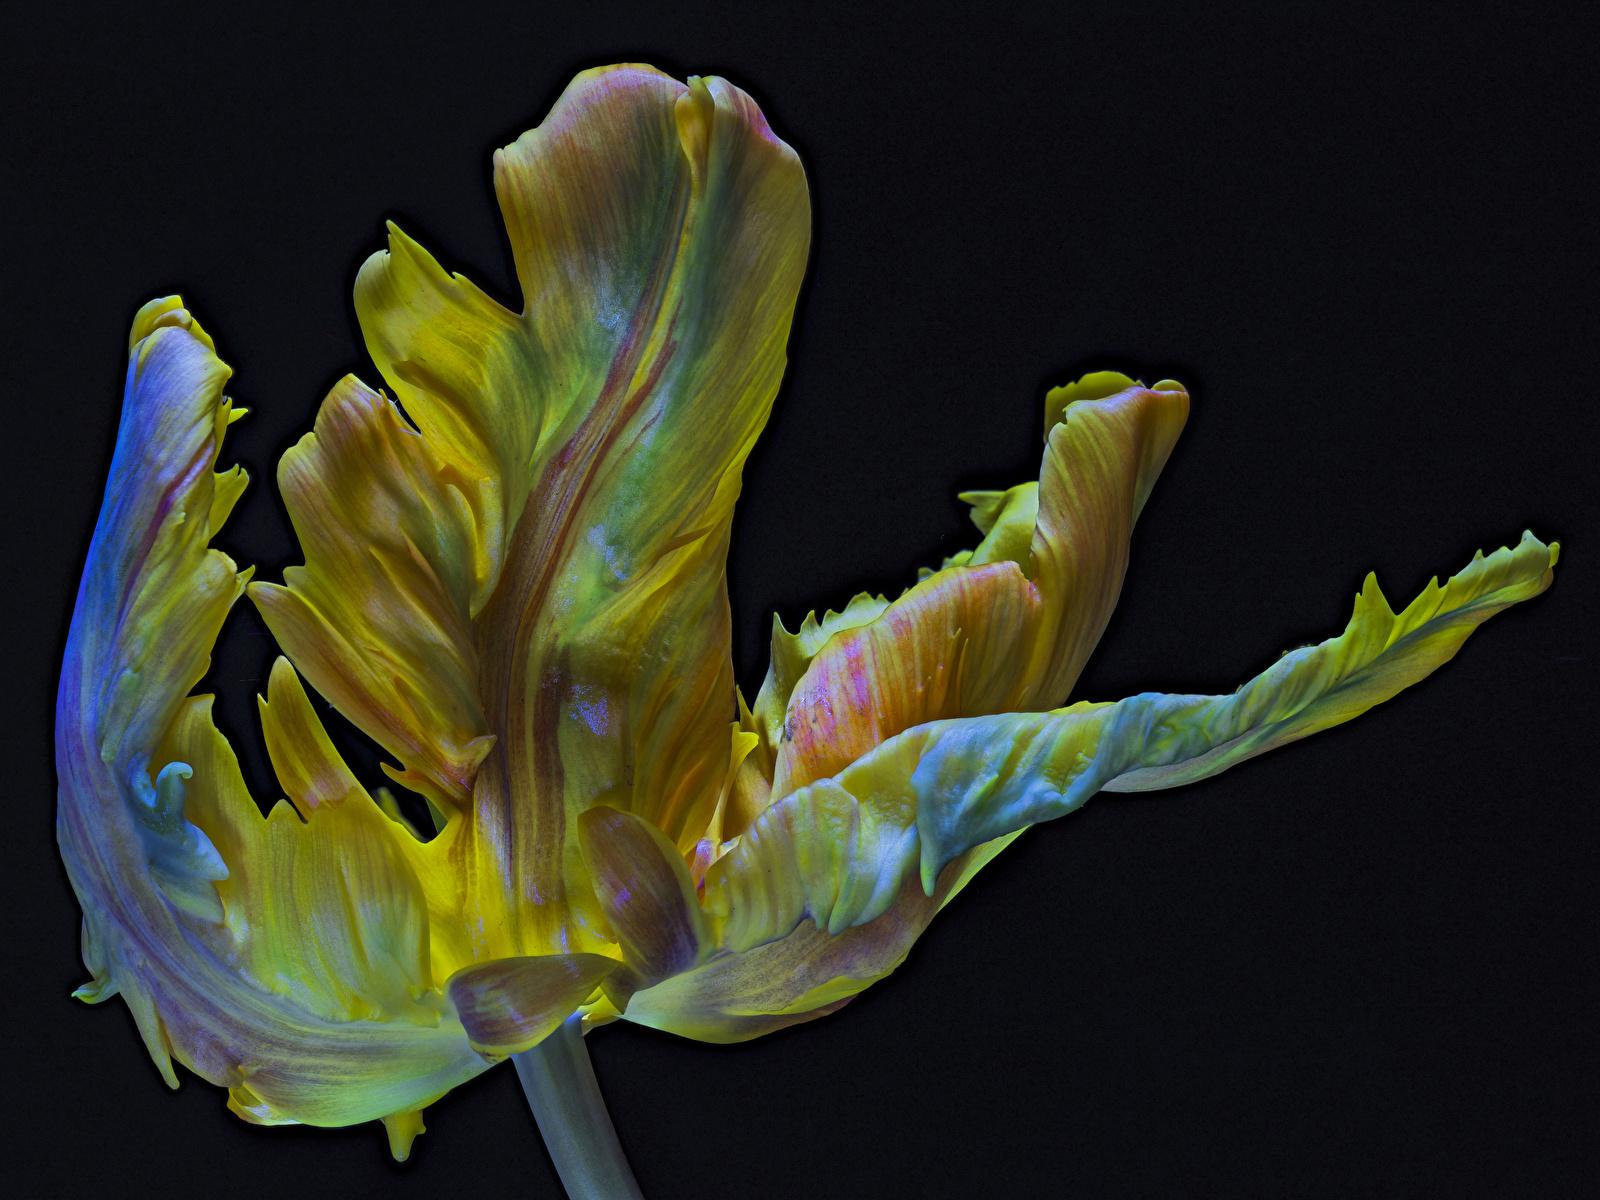 Обои для рабочего стола Parrot Tulip тюльпан Цветы вблизи на черном фоне 1600x1200 Тюльпаны цветок Черный фон Крупным планом